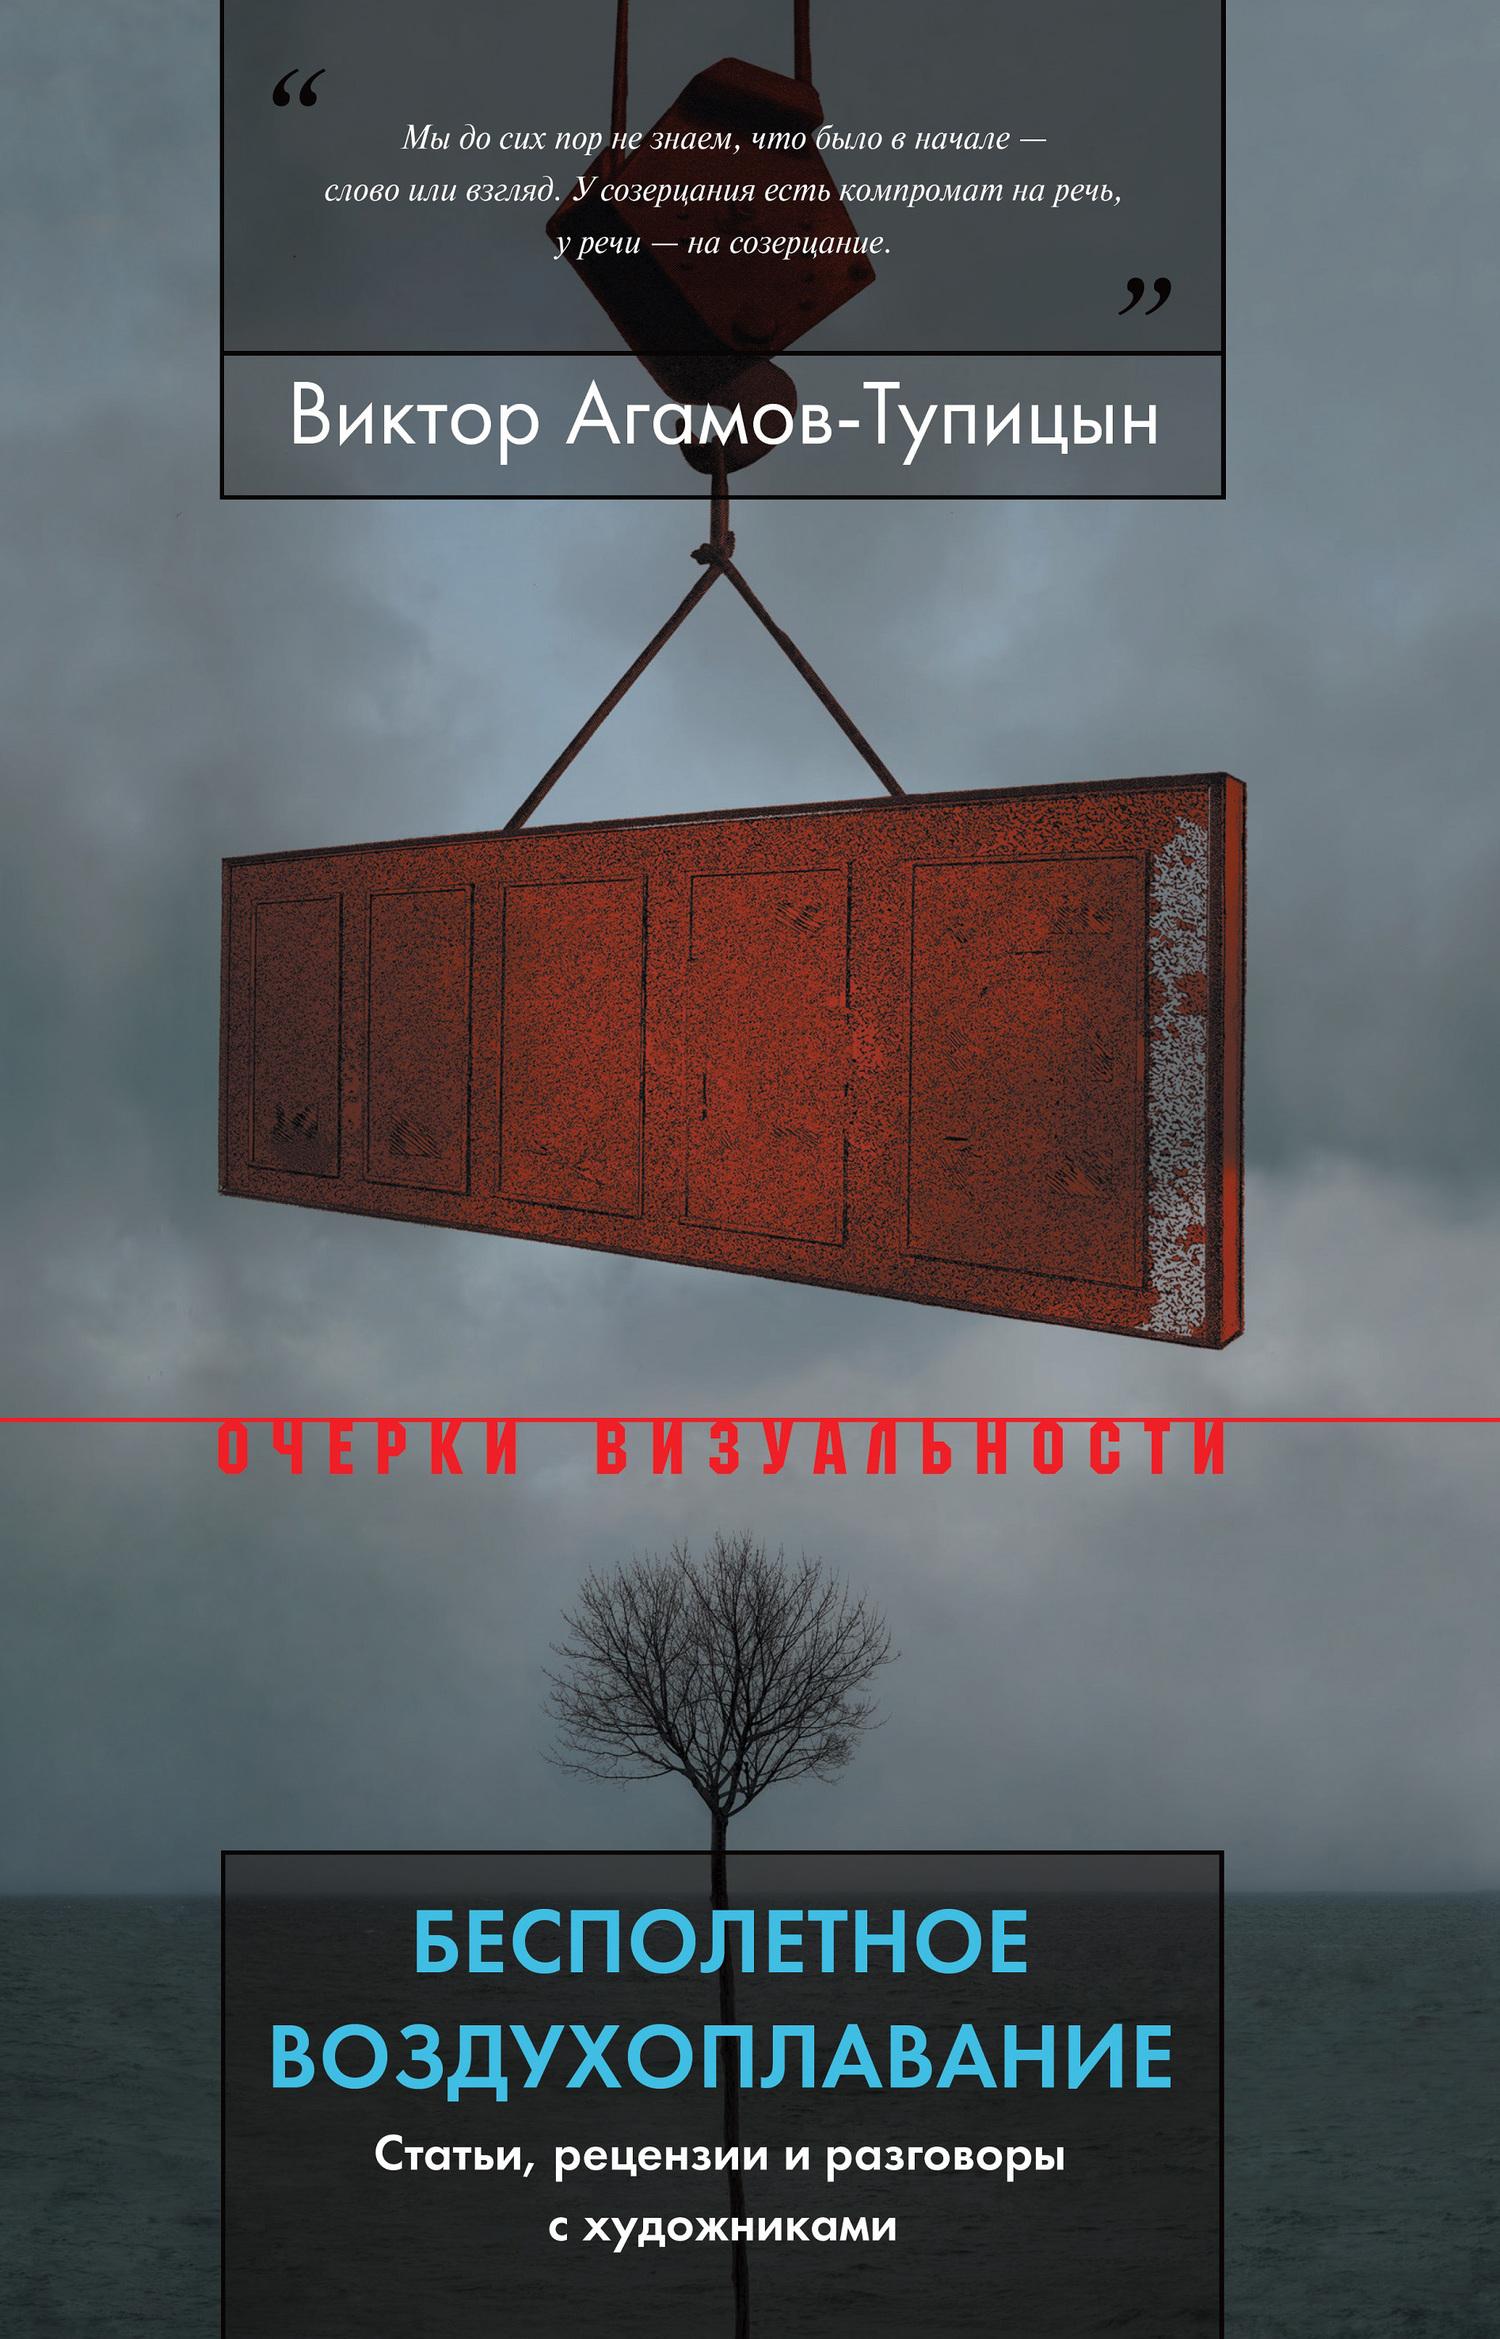 Виктор Агамов-Тупицын. Бесполетное воздухоплавание. Статьи, рецензии и разговоры с художниками